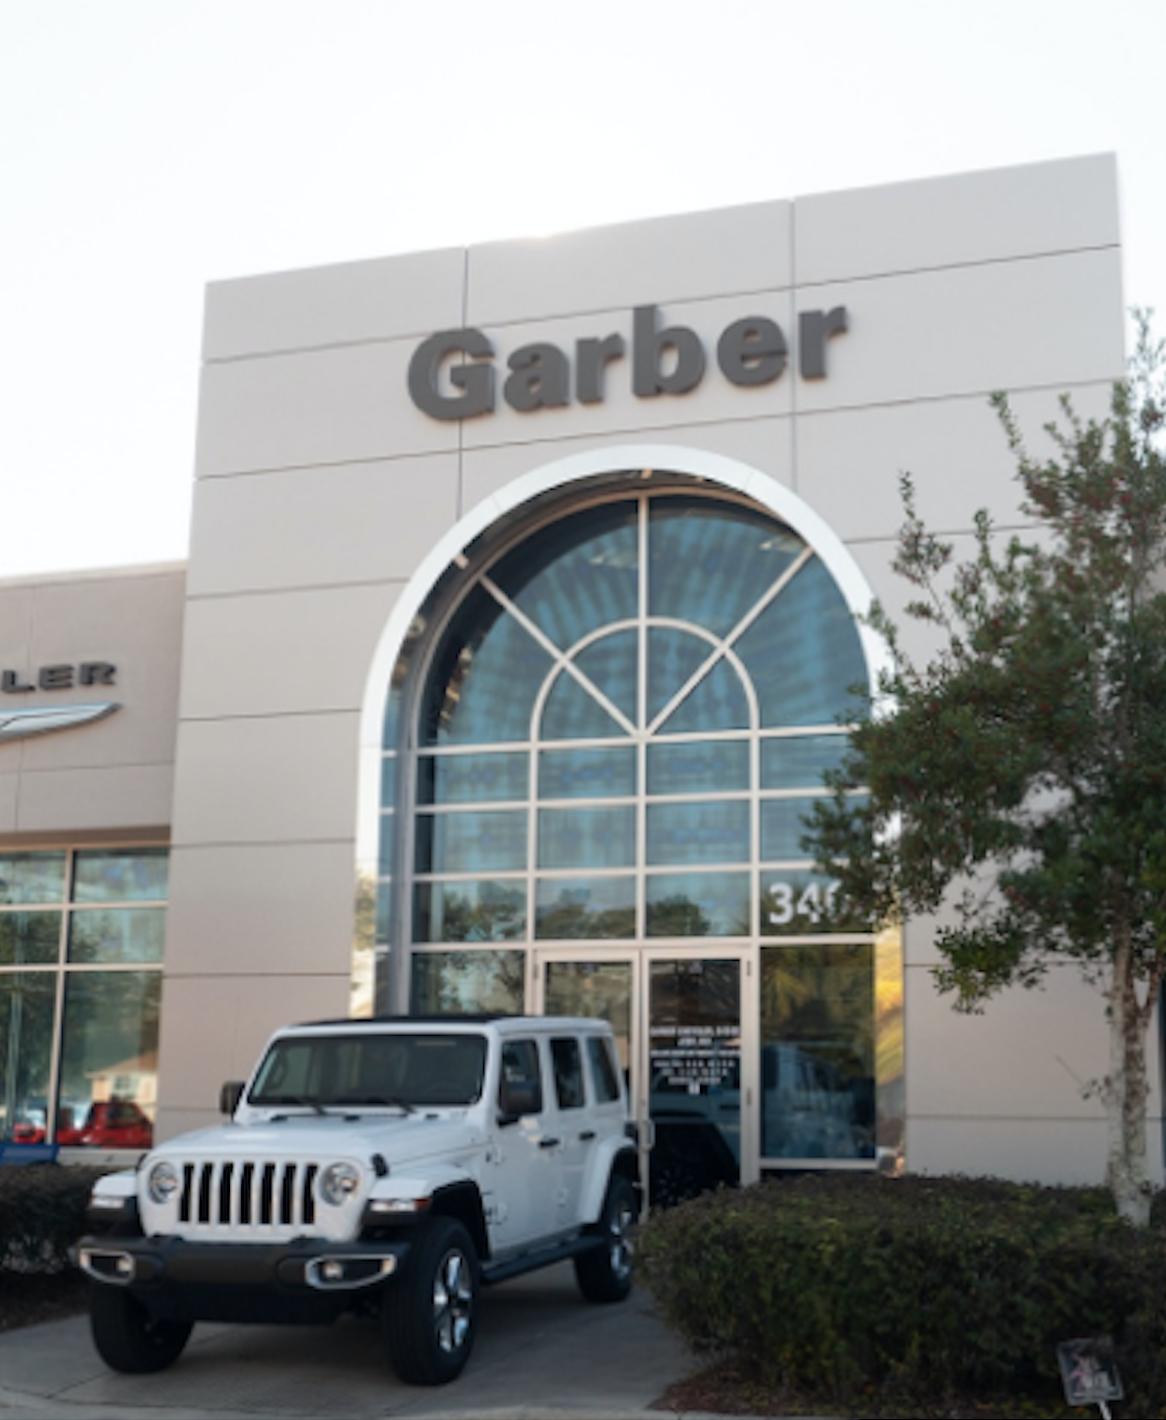 Garber Jeep Outside of Dealership